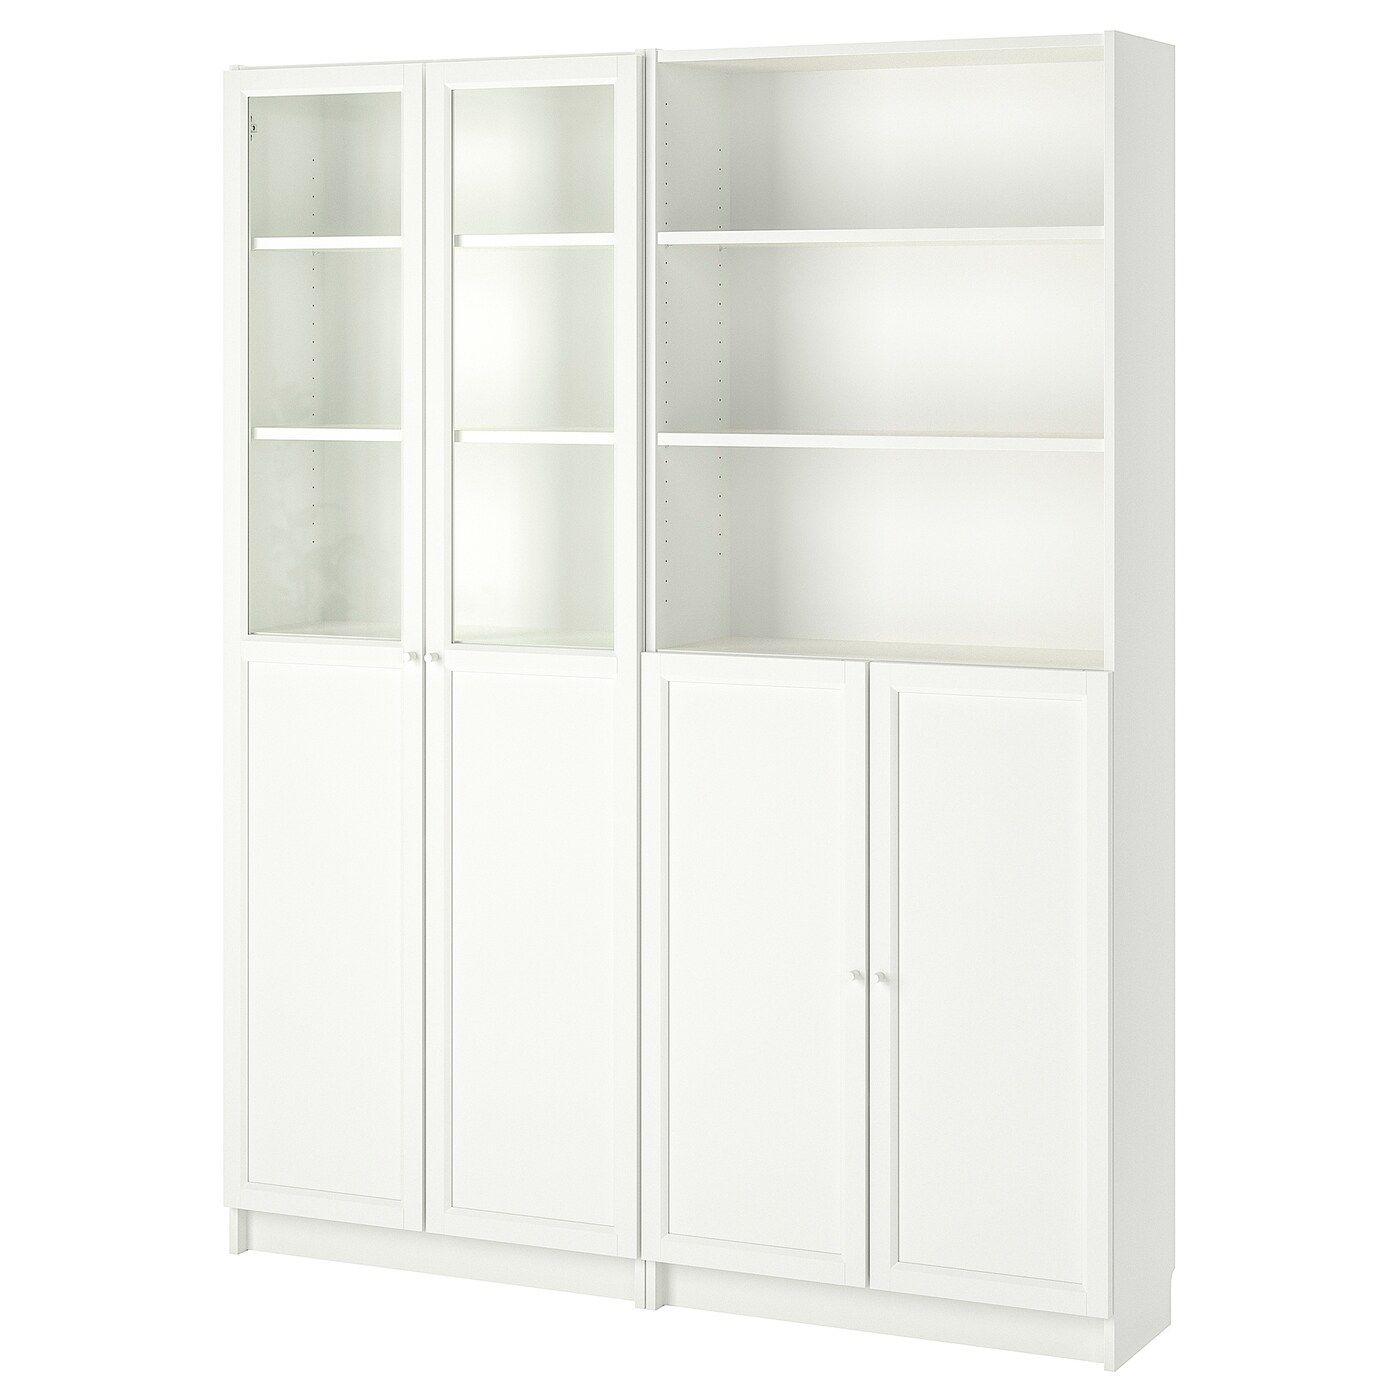 Billy Oxberg Bookcase With Panel Glass Doors White Ikea In 2020 Billy Oxberg Bucherschrank Mit Glasturen Glasschrankturen